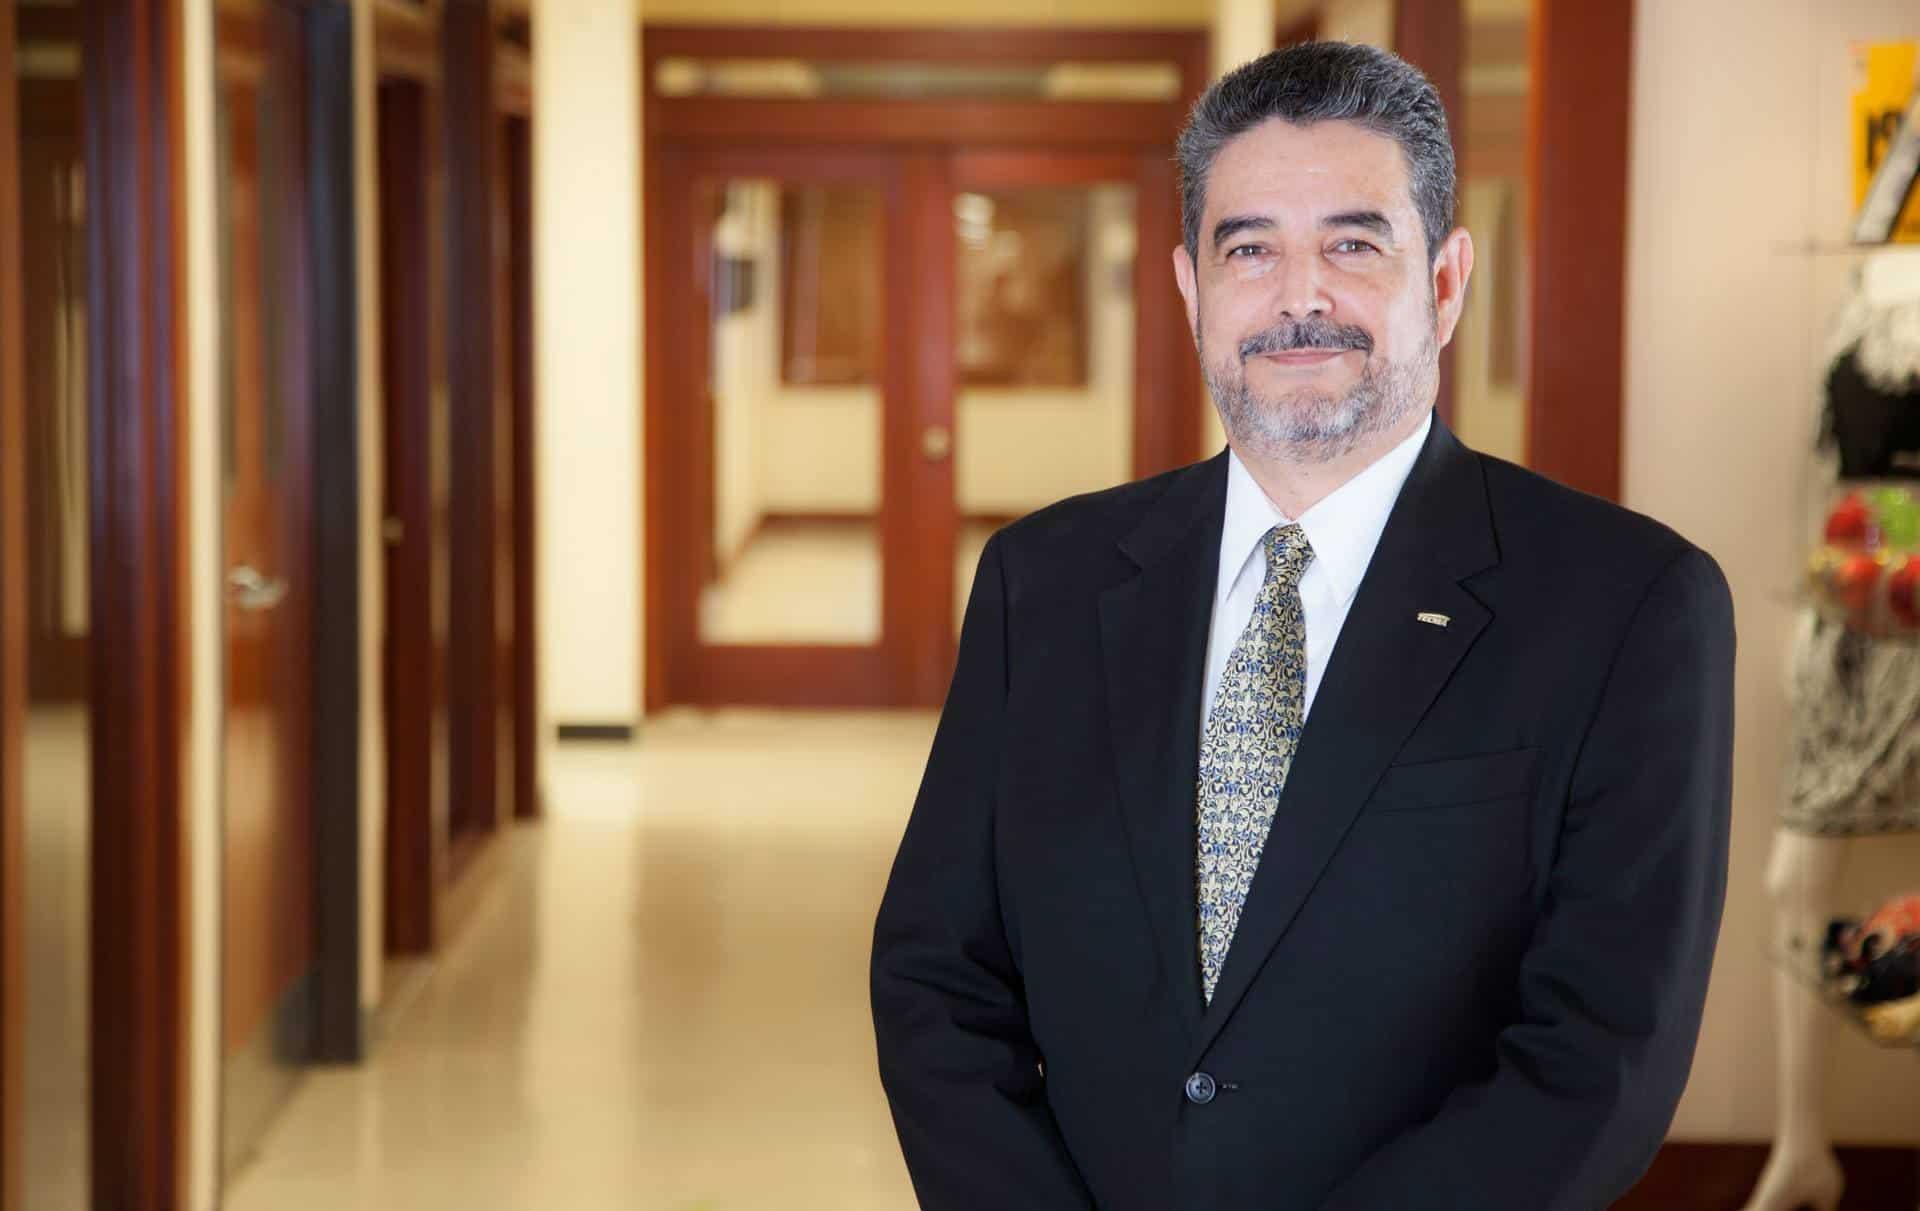 Jose Grajeda